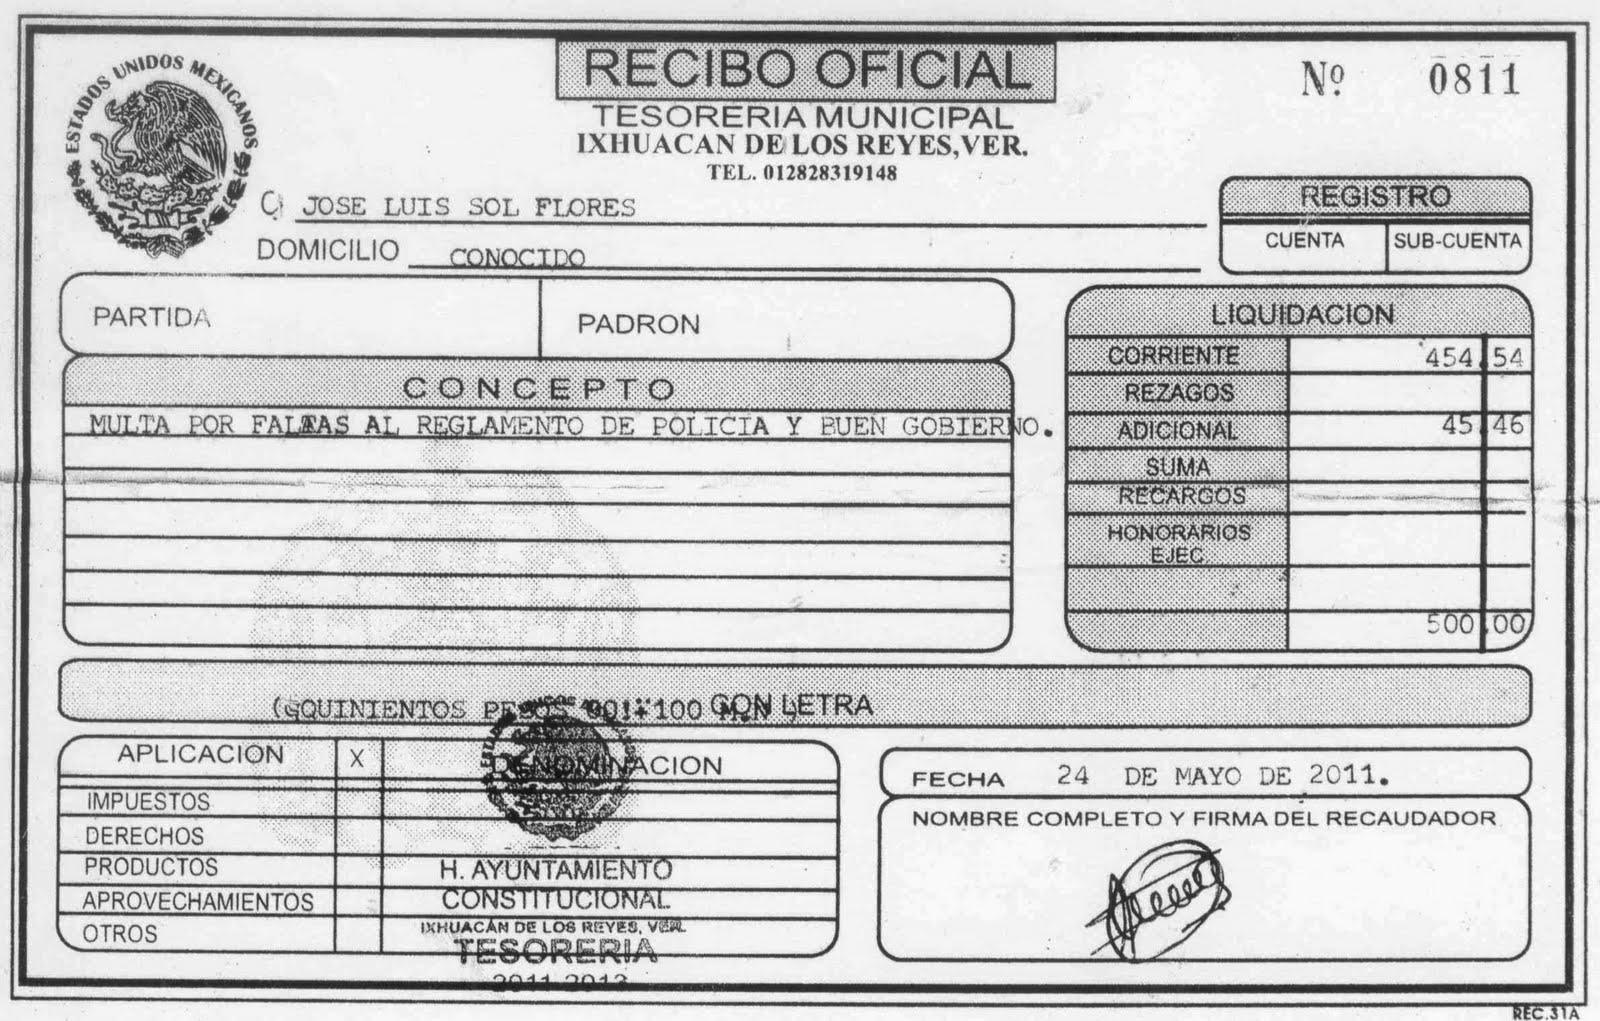 reglamento de policia y buen gobierno por un monto de $ 500 00 recibo